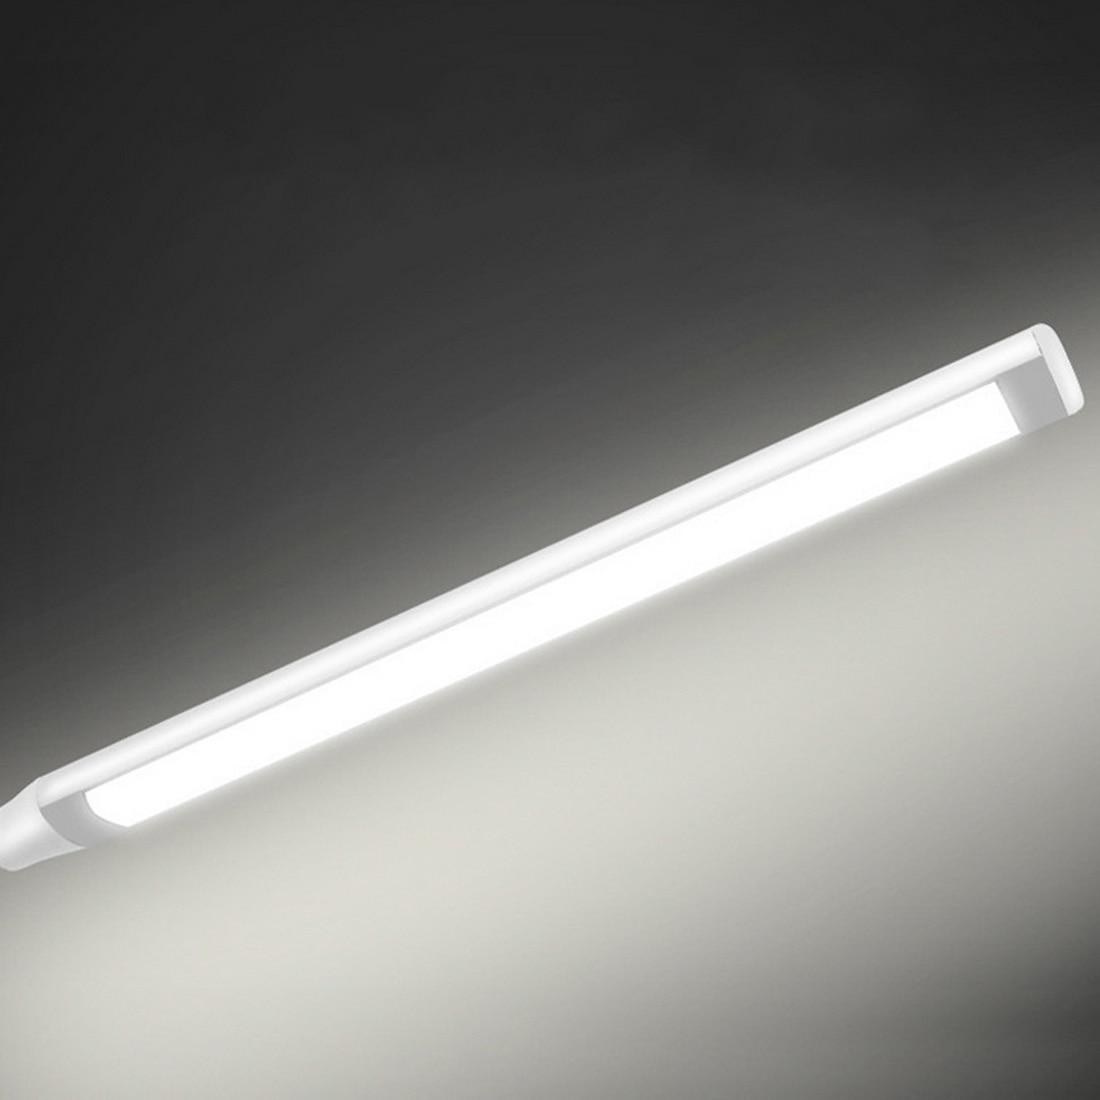 Светодиодный мини папку лампа 1 шт. 5 Вт 24 светодиодный s защиты глаз зажим свет настольной лампы Плавная затемнения гибкие USB Powered сенсорный Сенсор